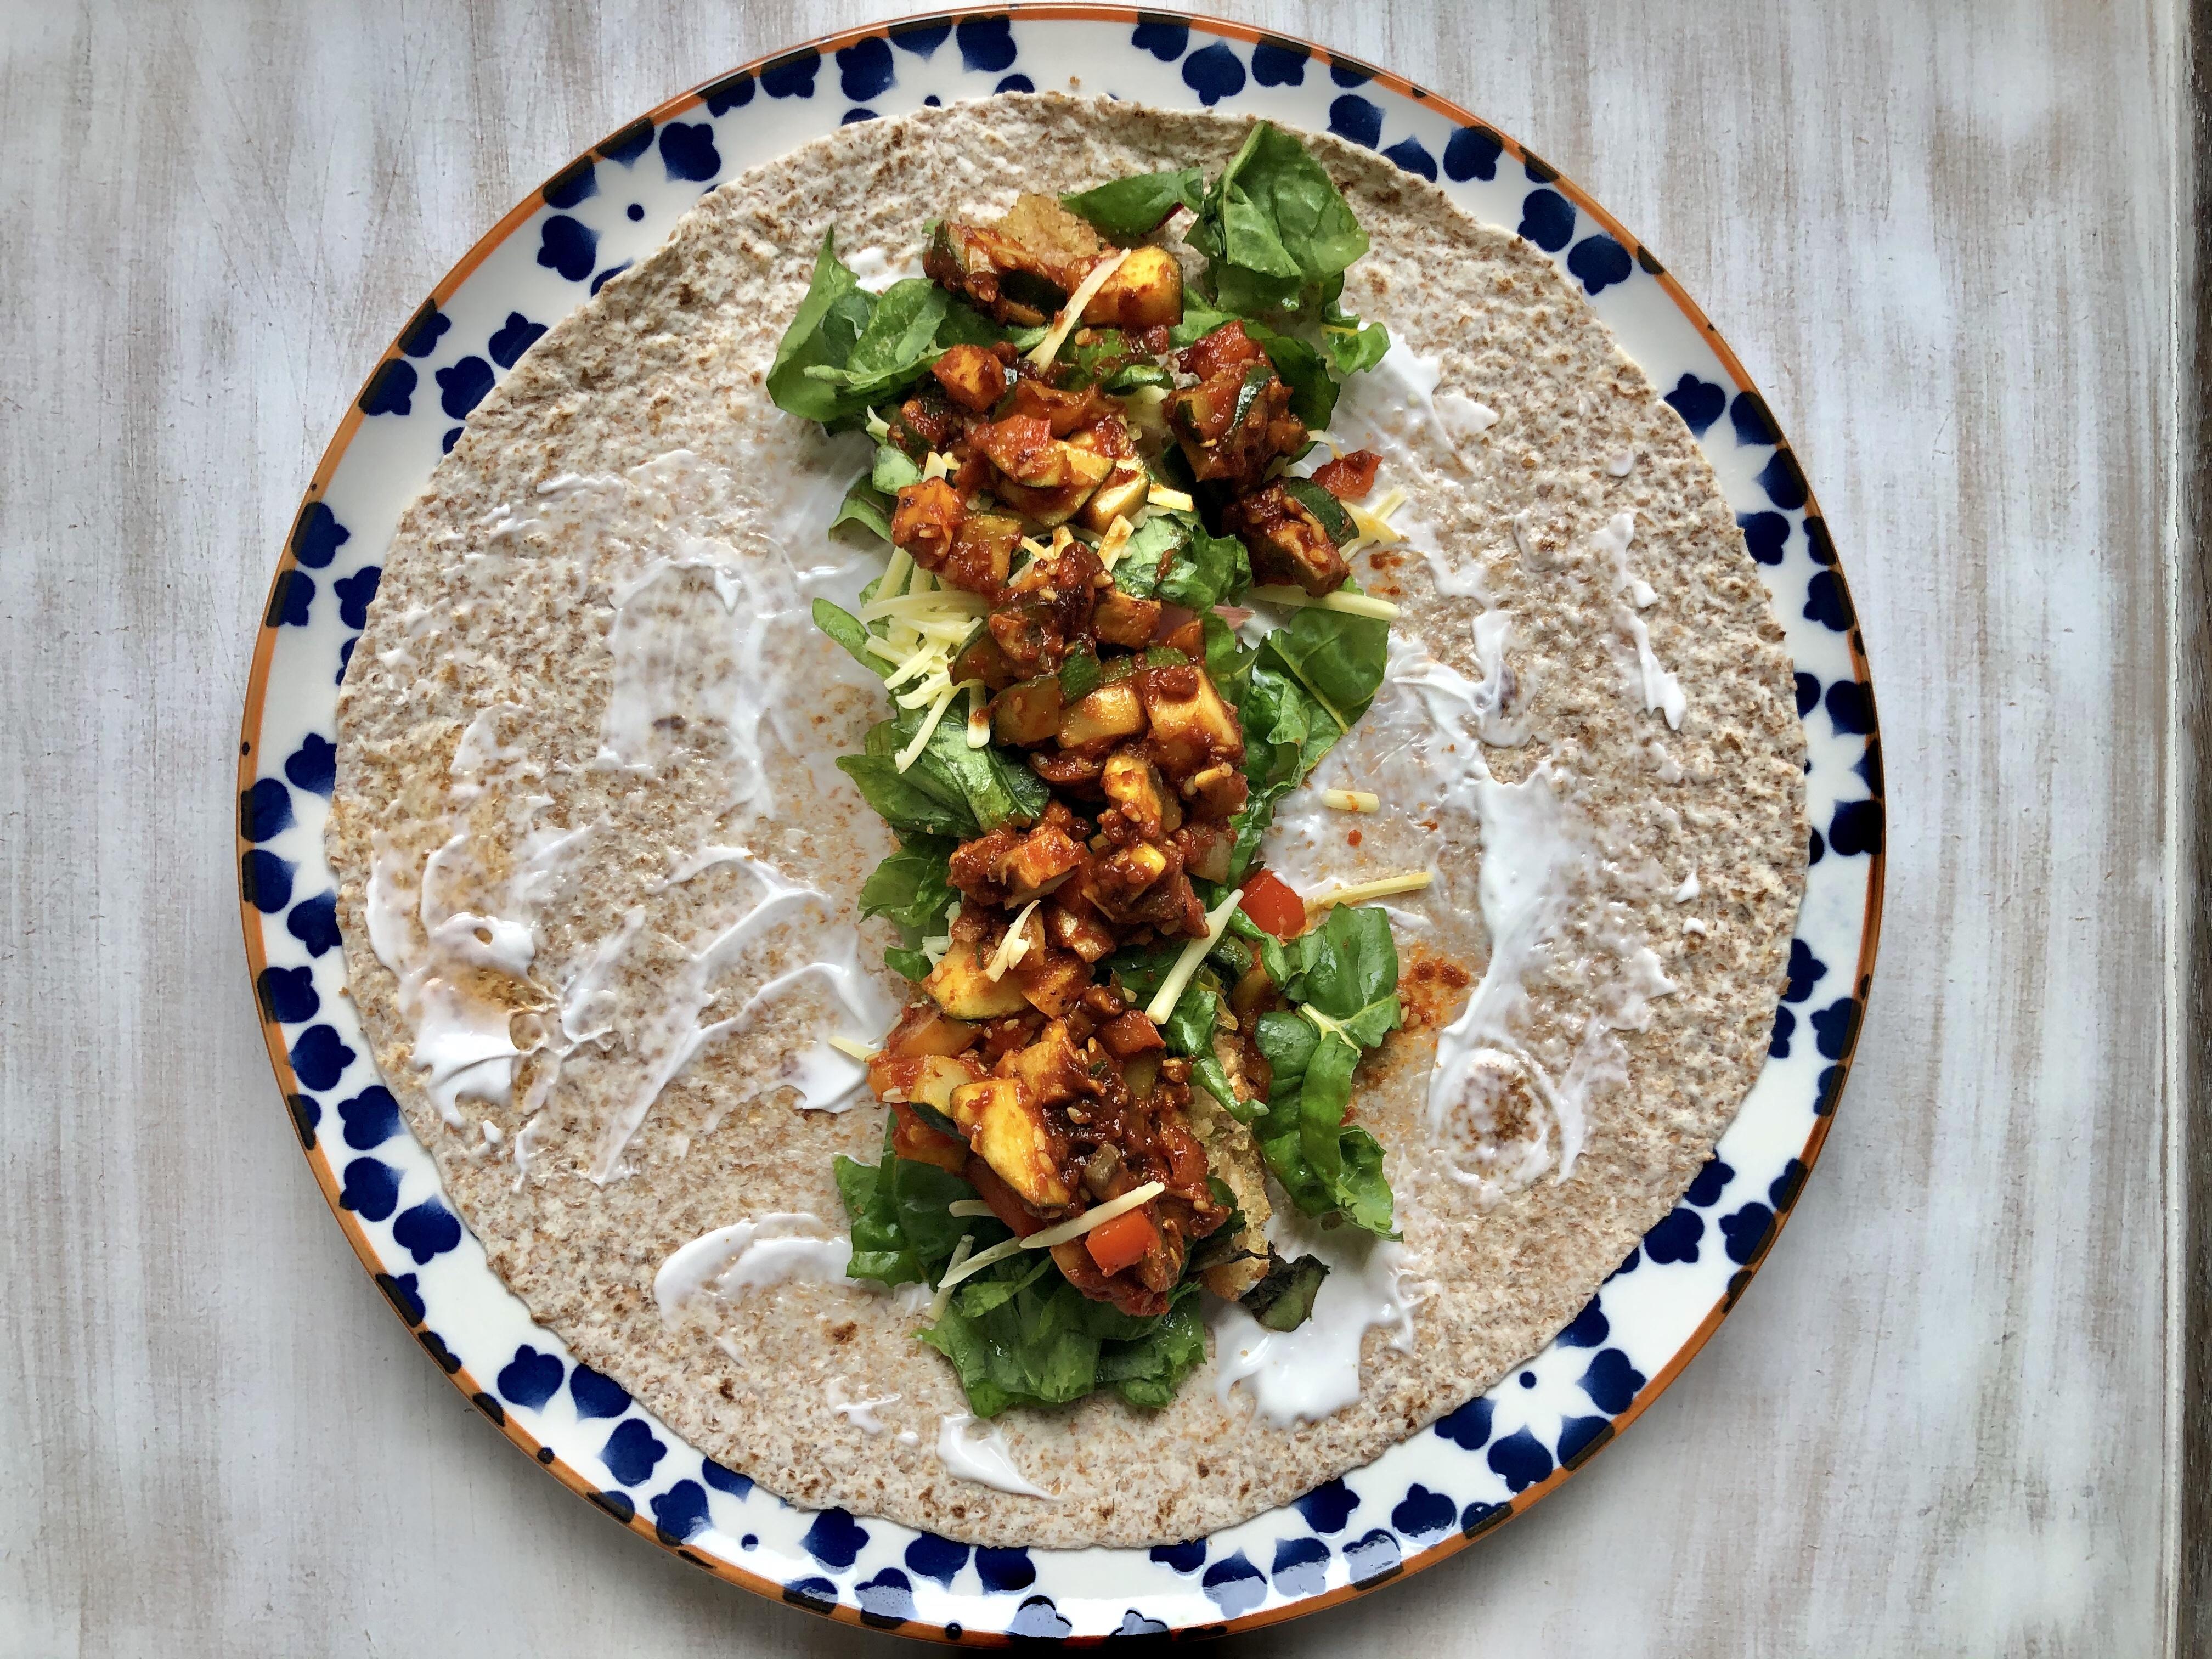 Spicy vegan fajita wrap